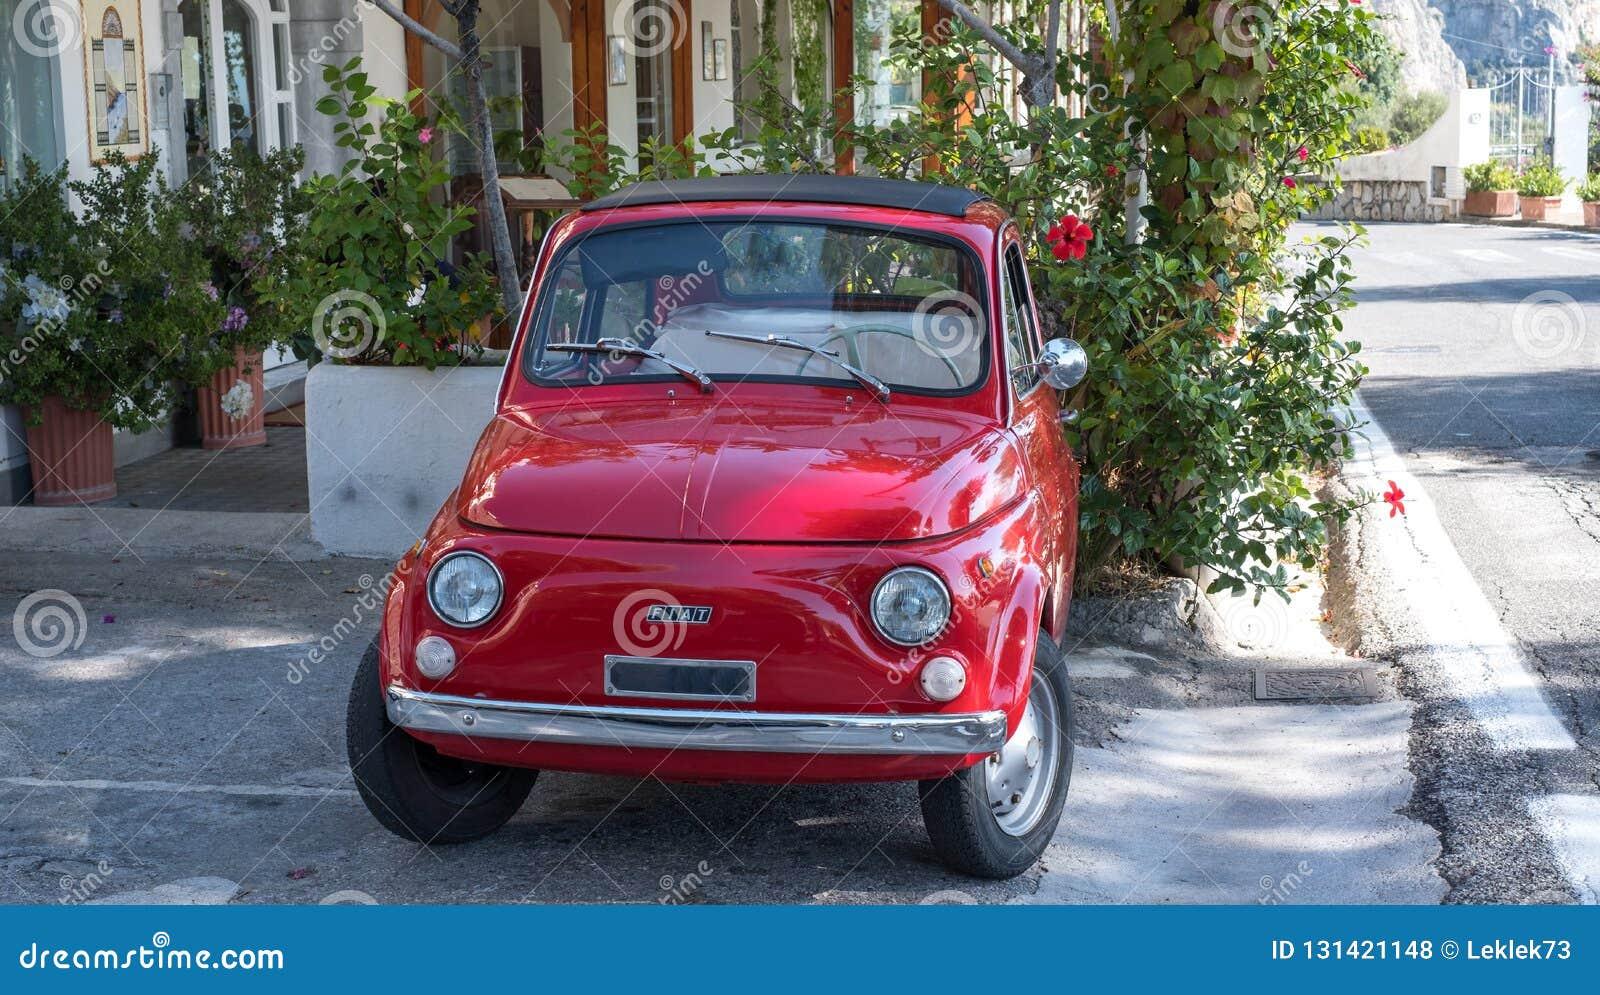 Rojo la obra clásica de Fiat Cinquecento 500 aparcamiento de la calle en la costa de Amalfi, Italia